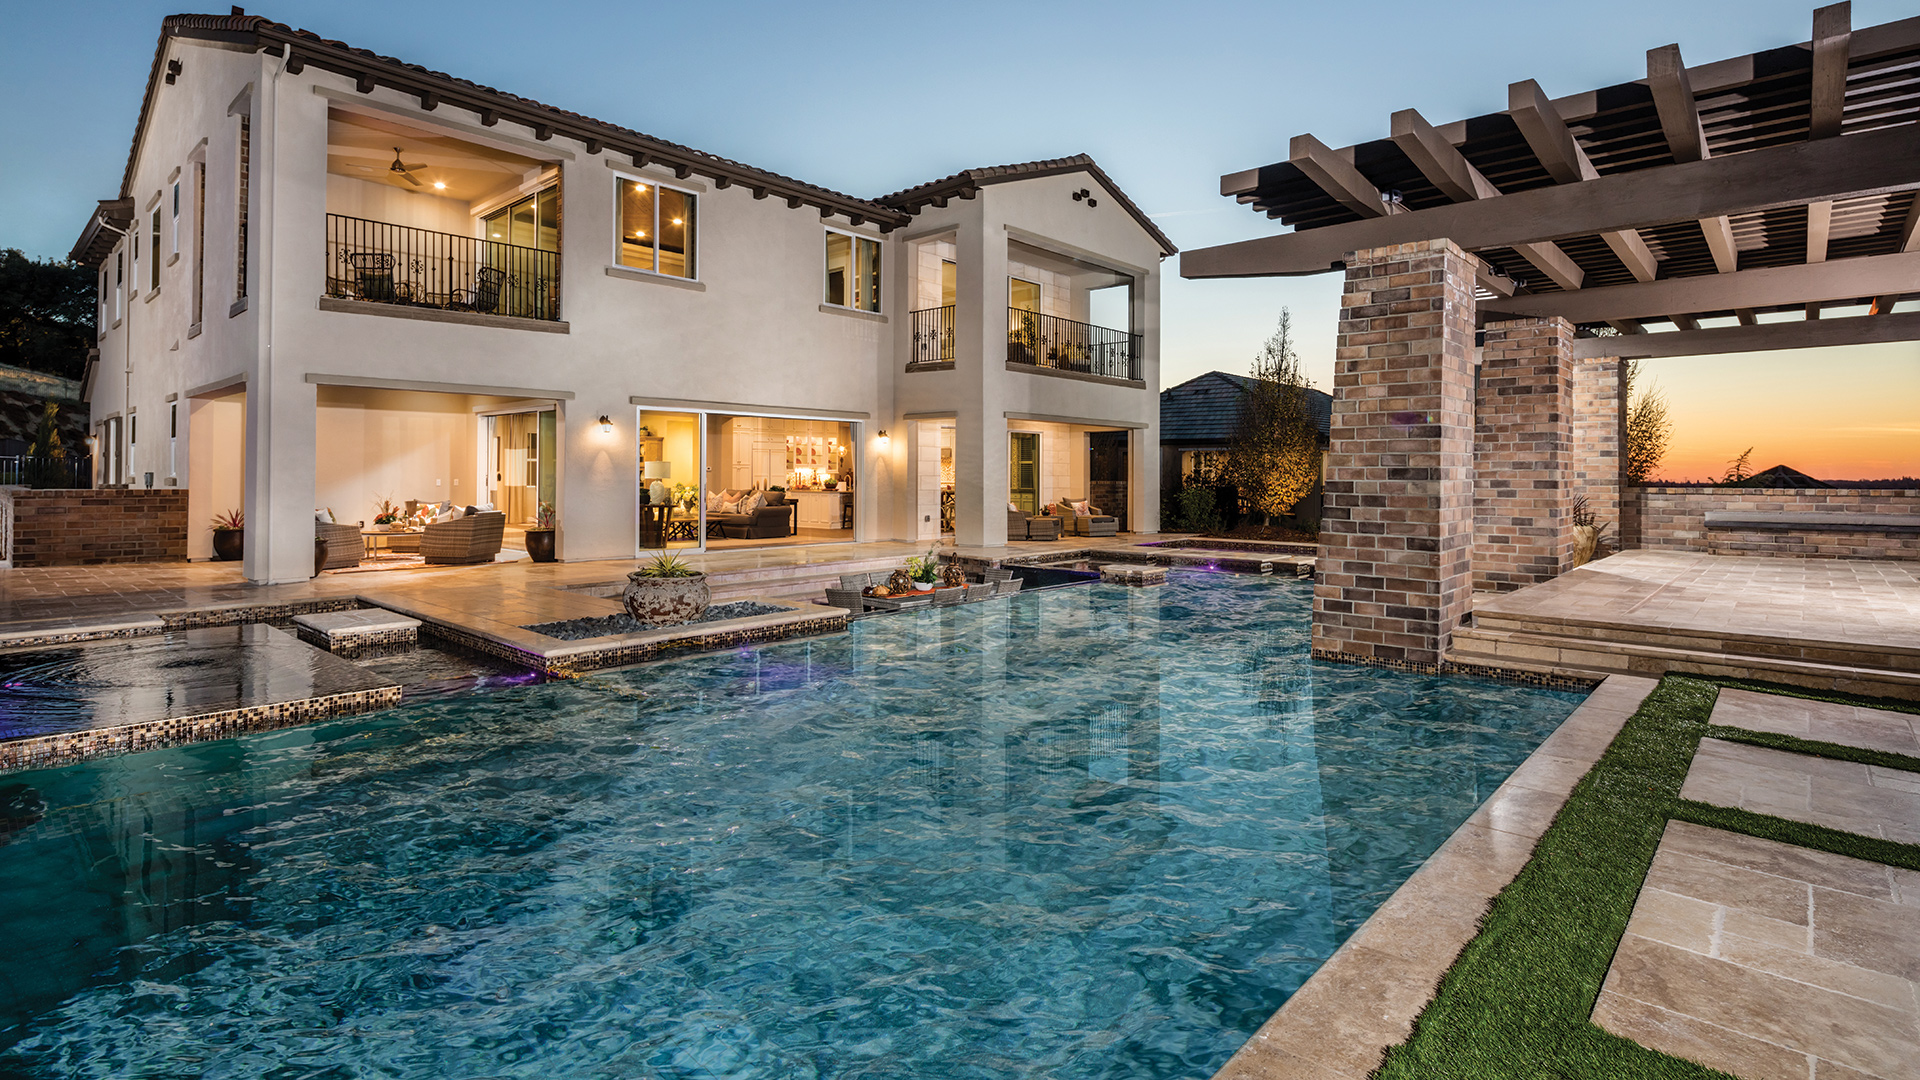 El Dorado Hills CA New Homes for Sale   Villa Lago at The Promontory